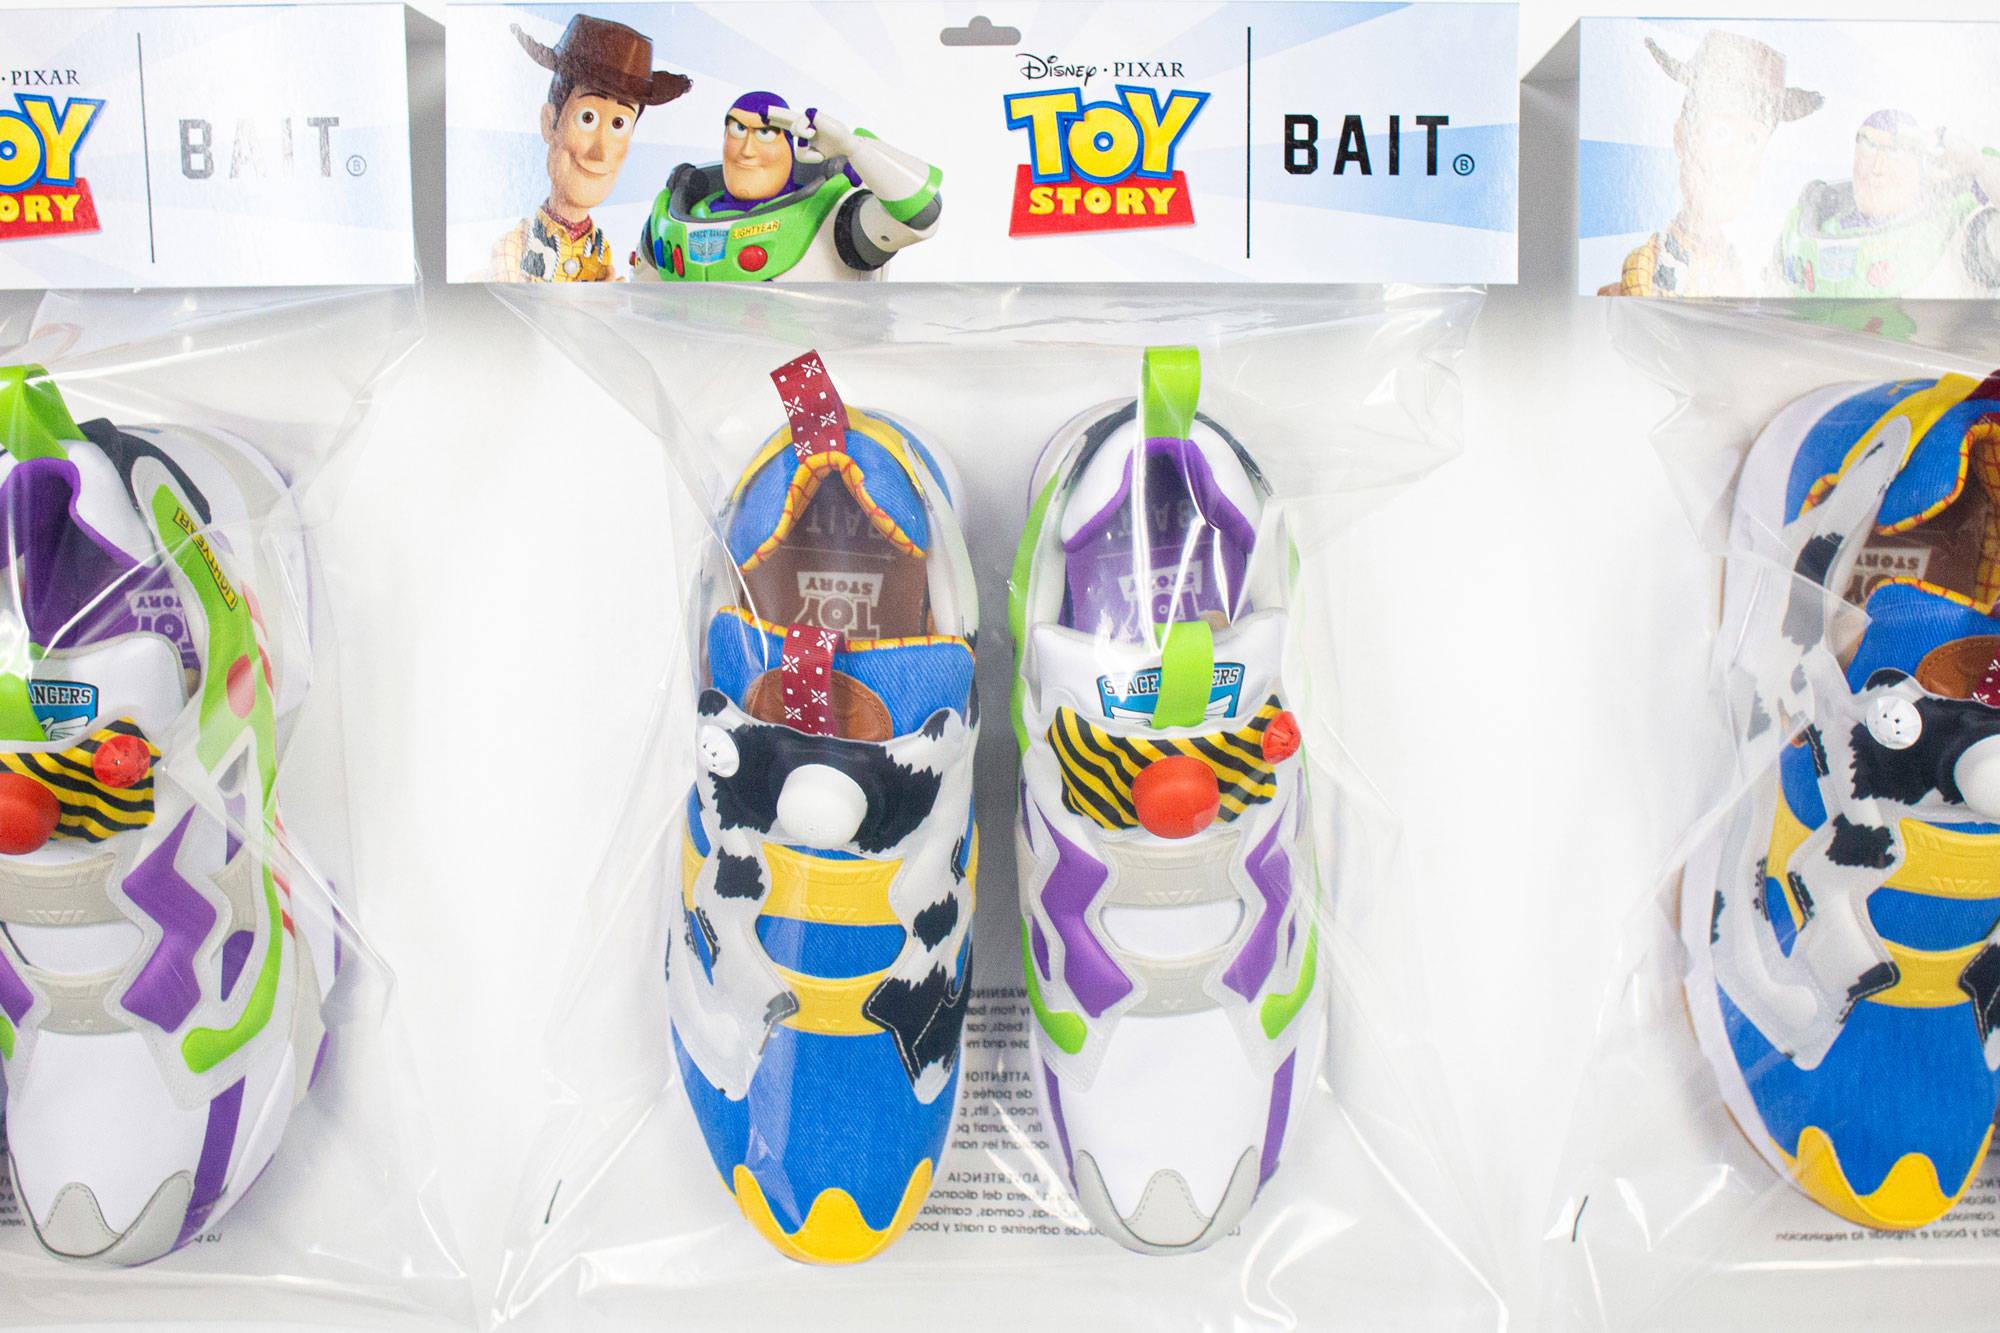 Toy Story Reebok sneakers coming soon